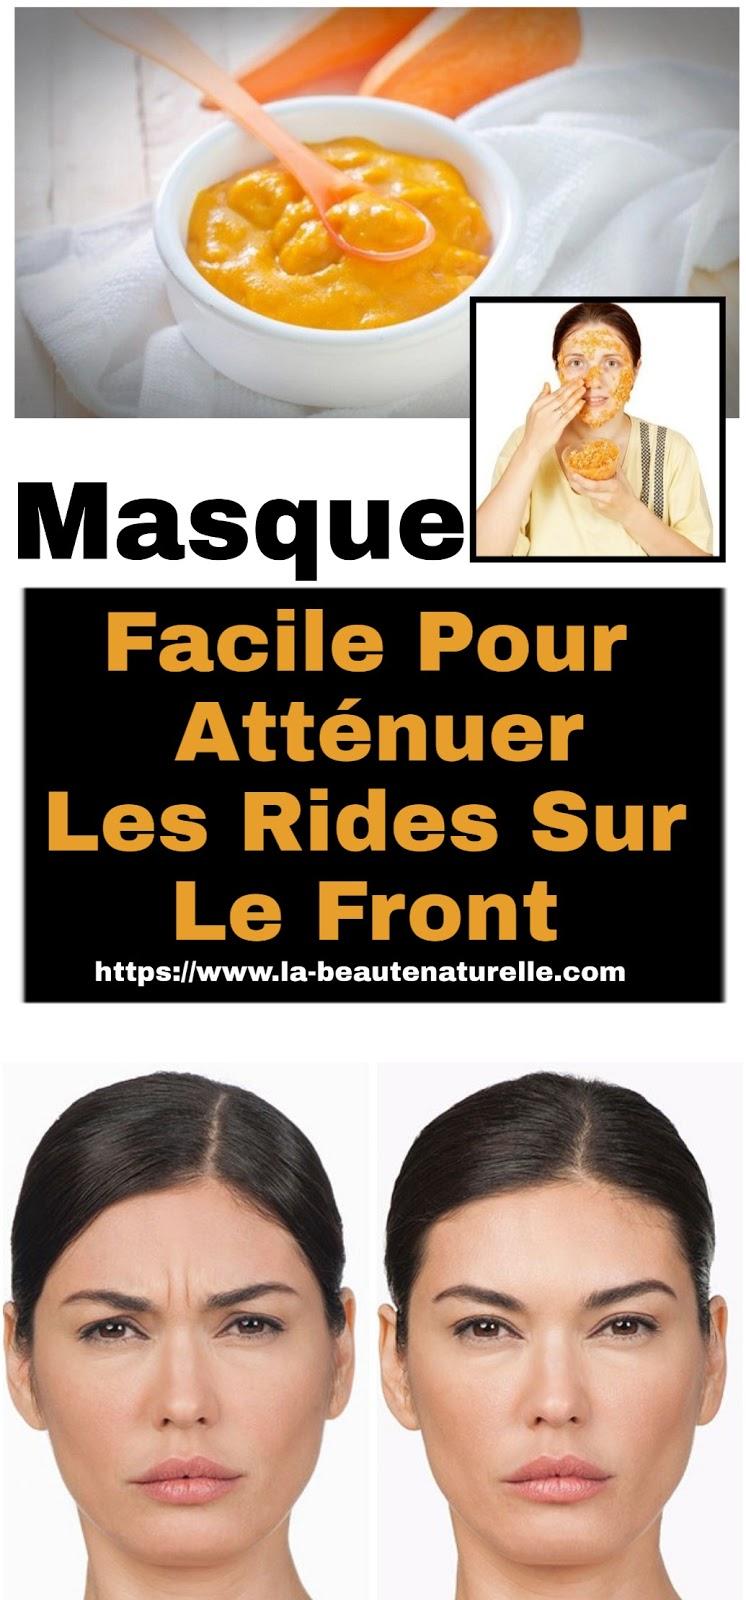 Masque Facile Pour Atténuer Les Rides Sur Le Front